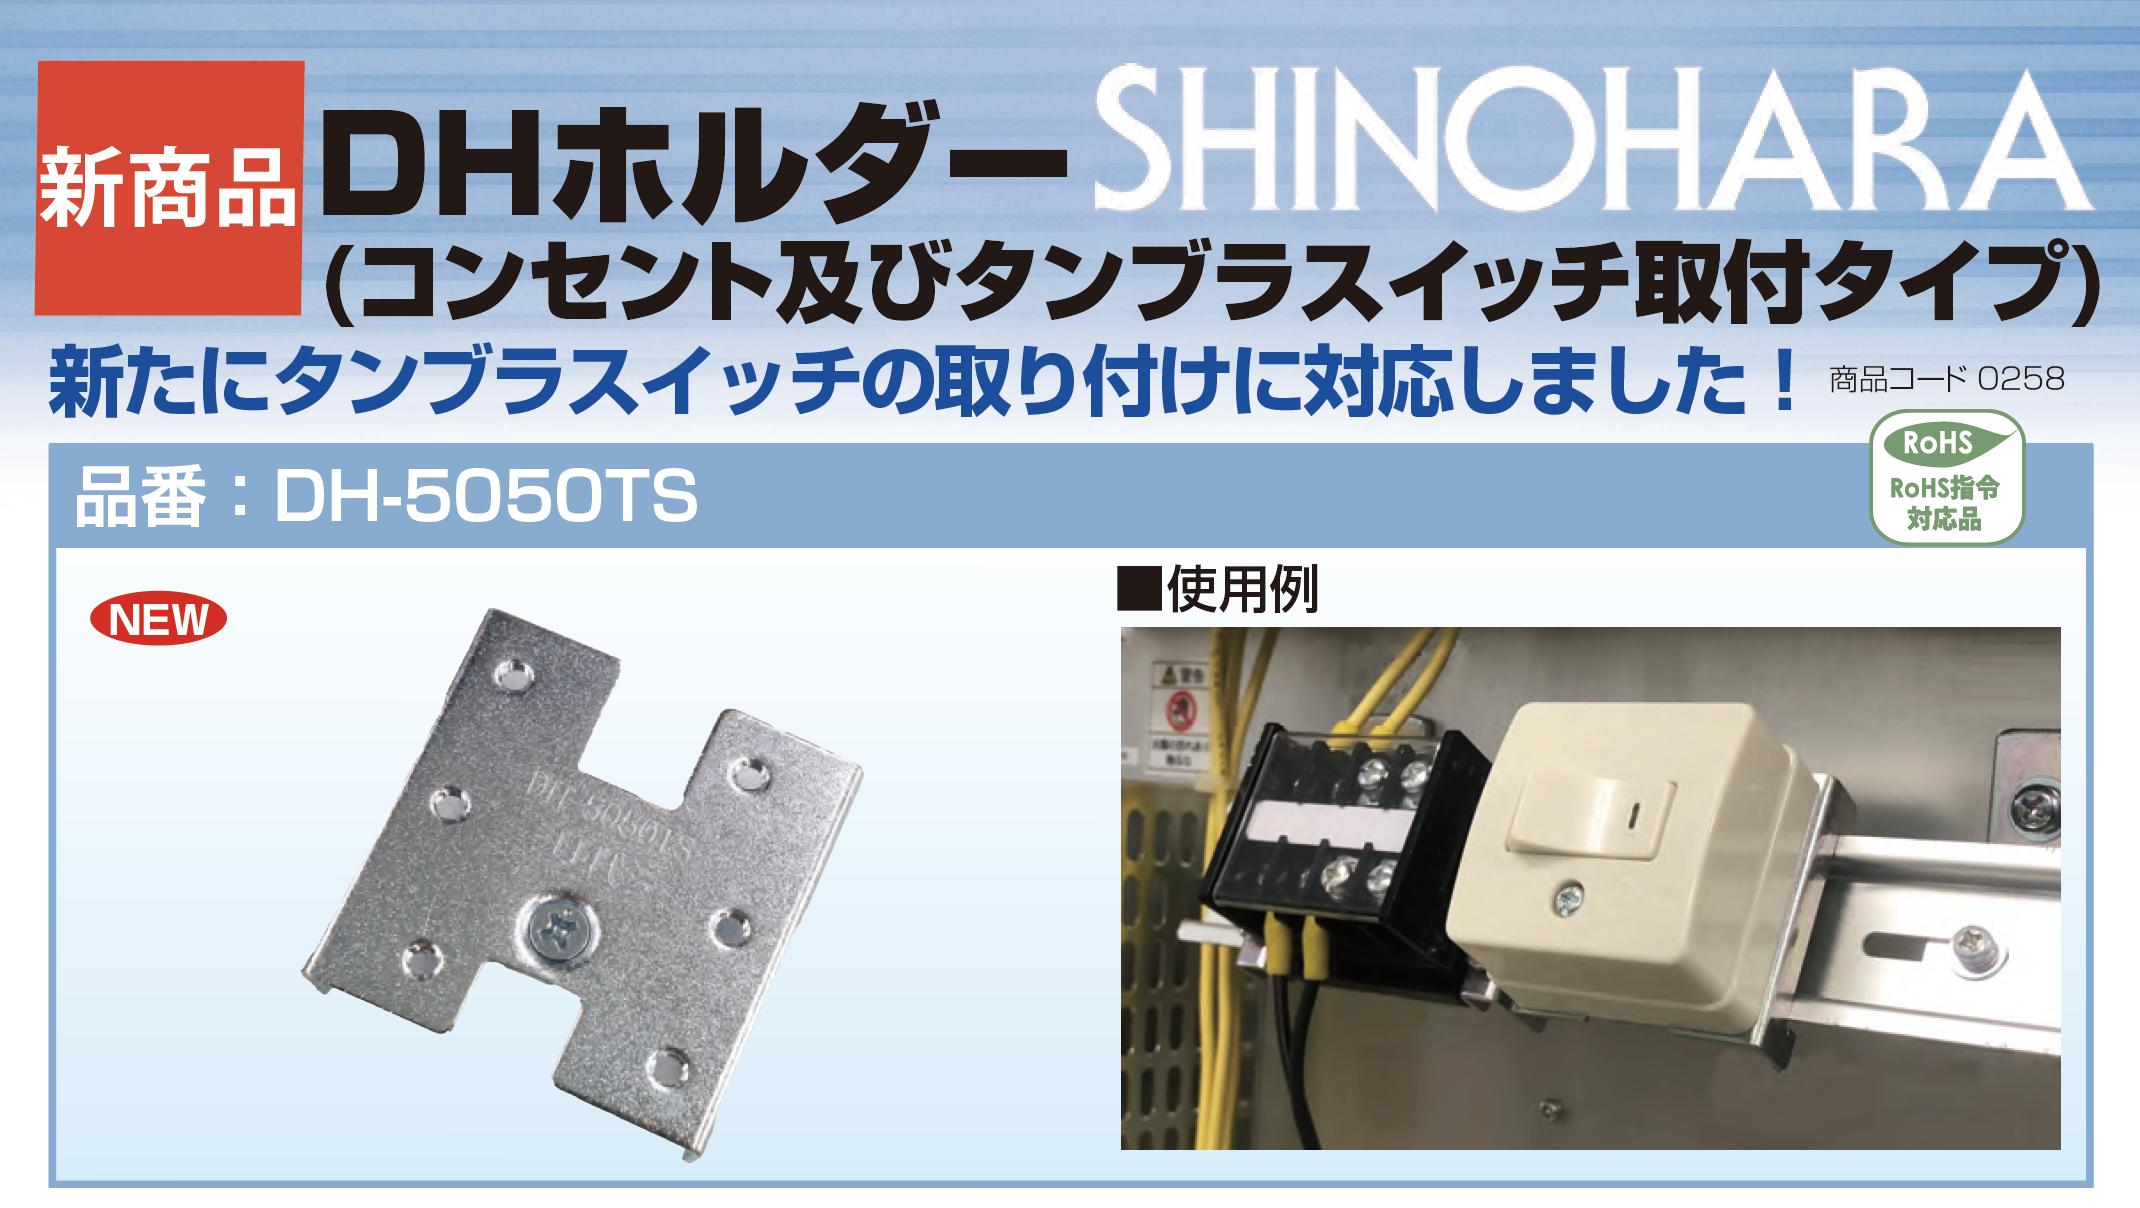 【篠原電機】新たにタンブラスイッチの取り付けに対応しました!『DHホルダー (コンセント及びタンブラスイッチ取付タイプ)』の画像